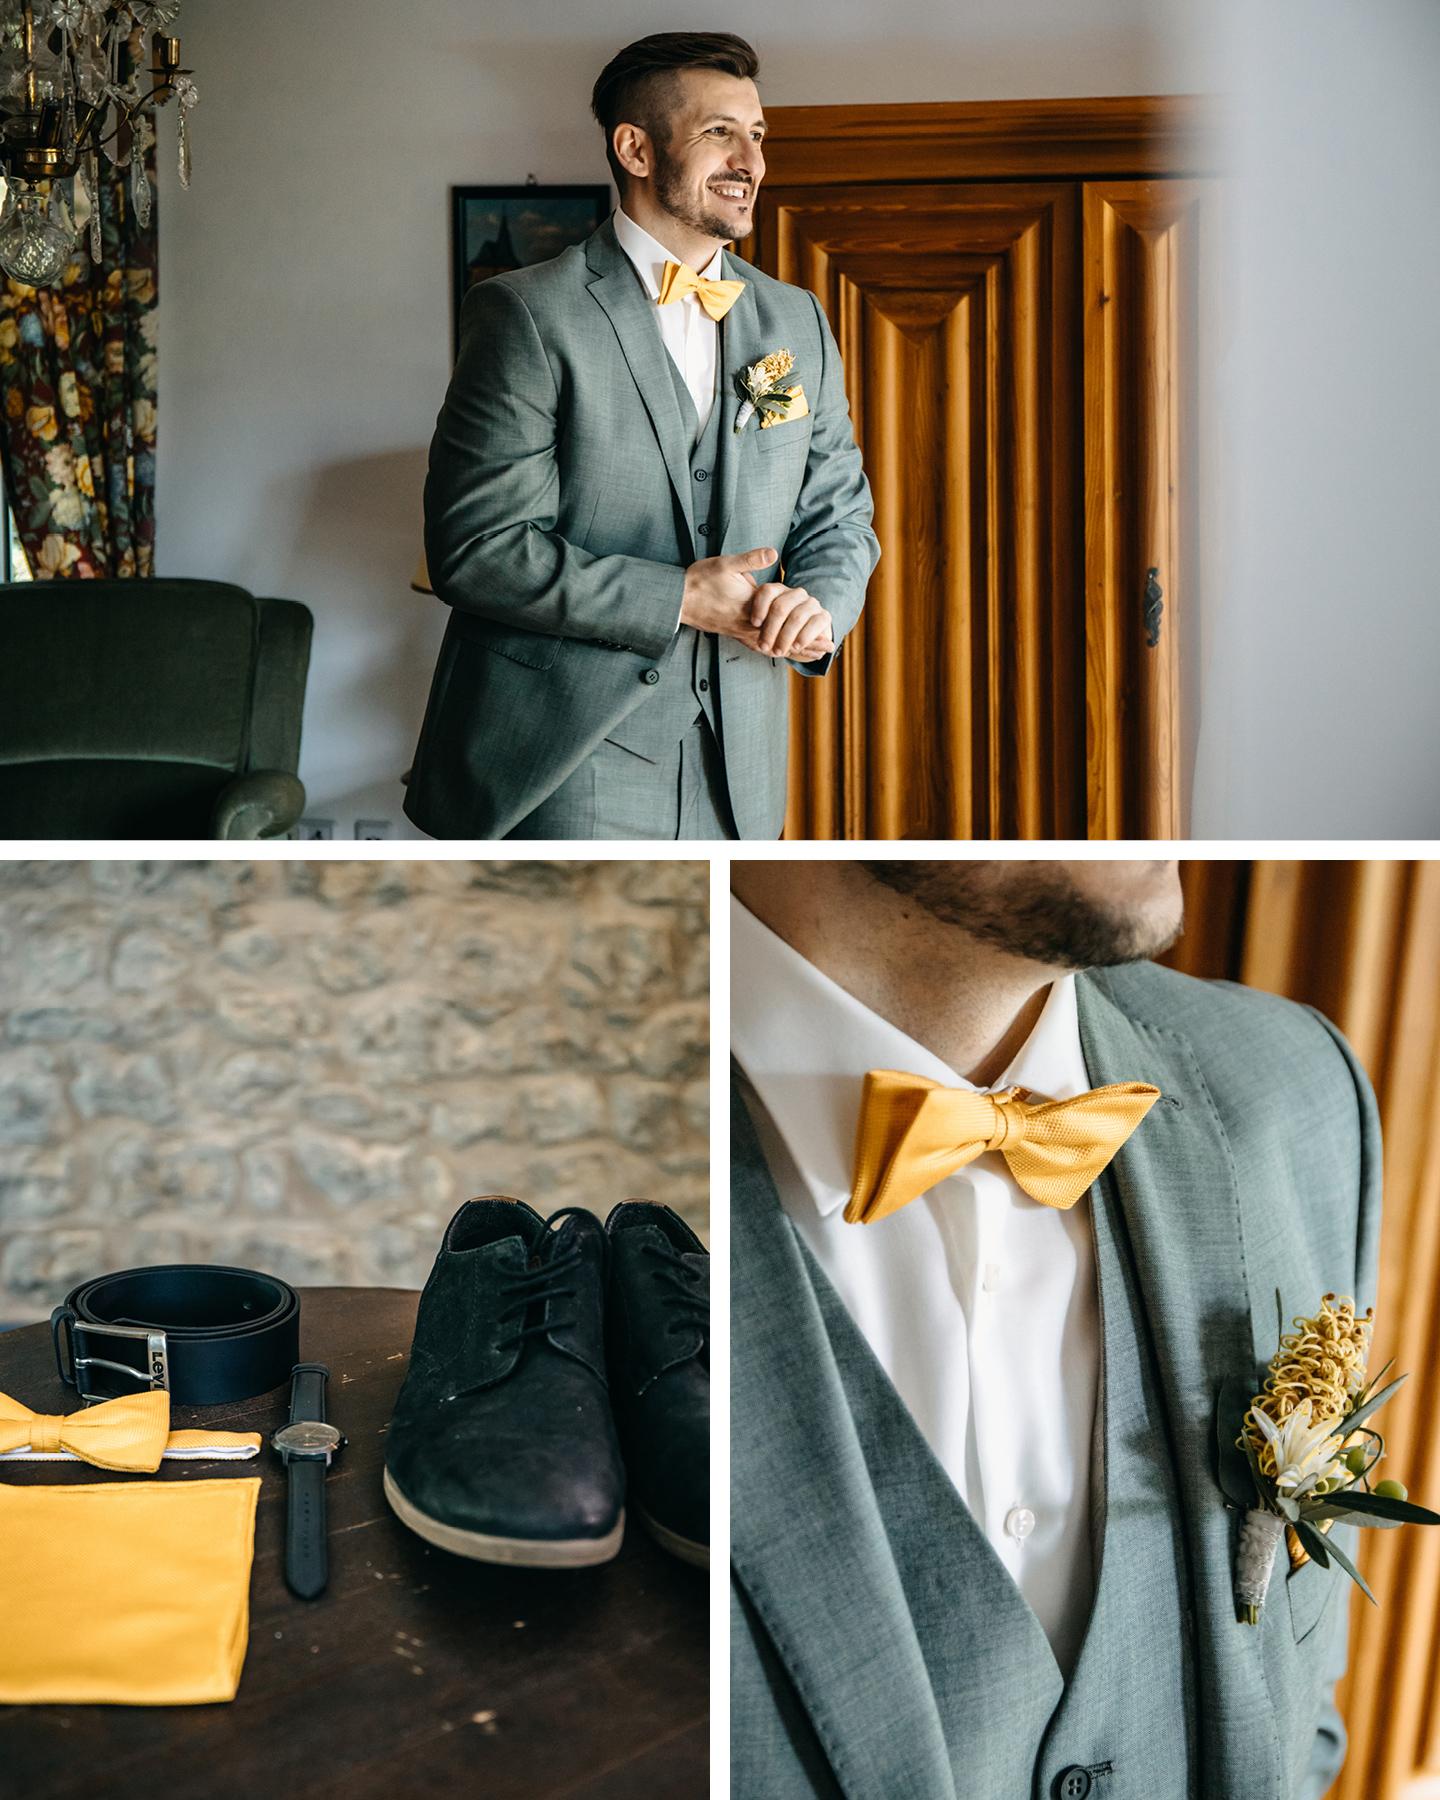 Heiraten Weingut: Bräutigam macht sich fertig für die Hochzeit und legt gelbe Fliege und gelbe Ansteckblumen an.